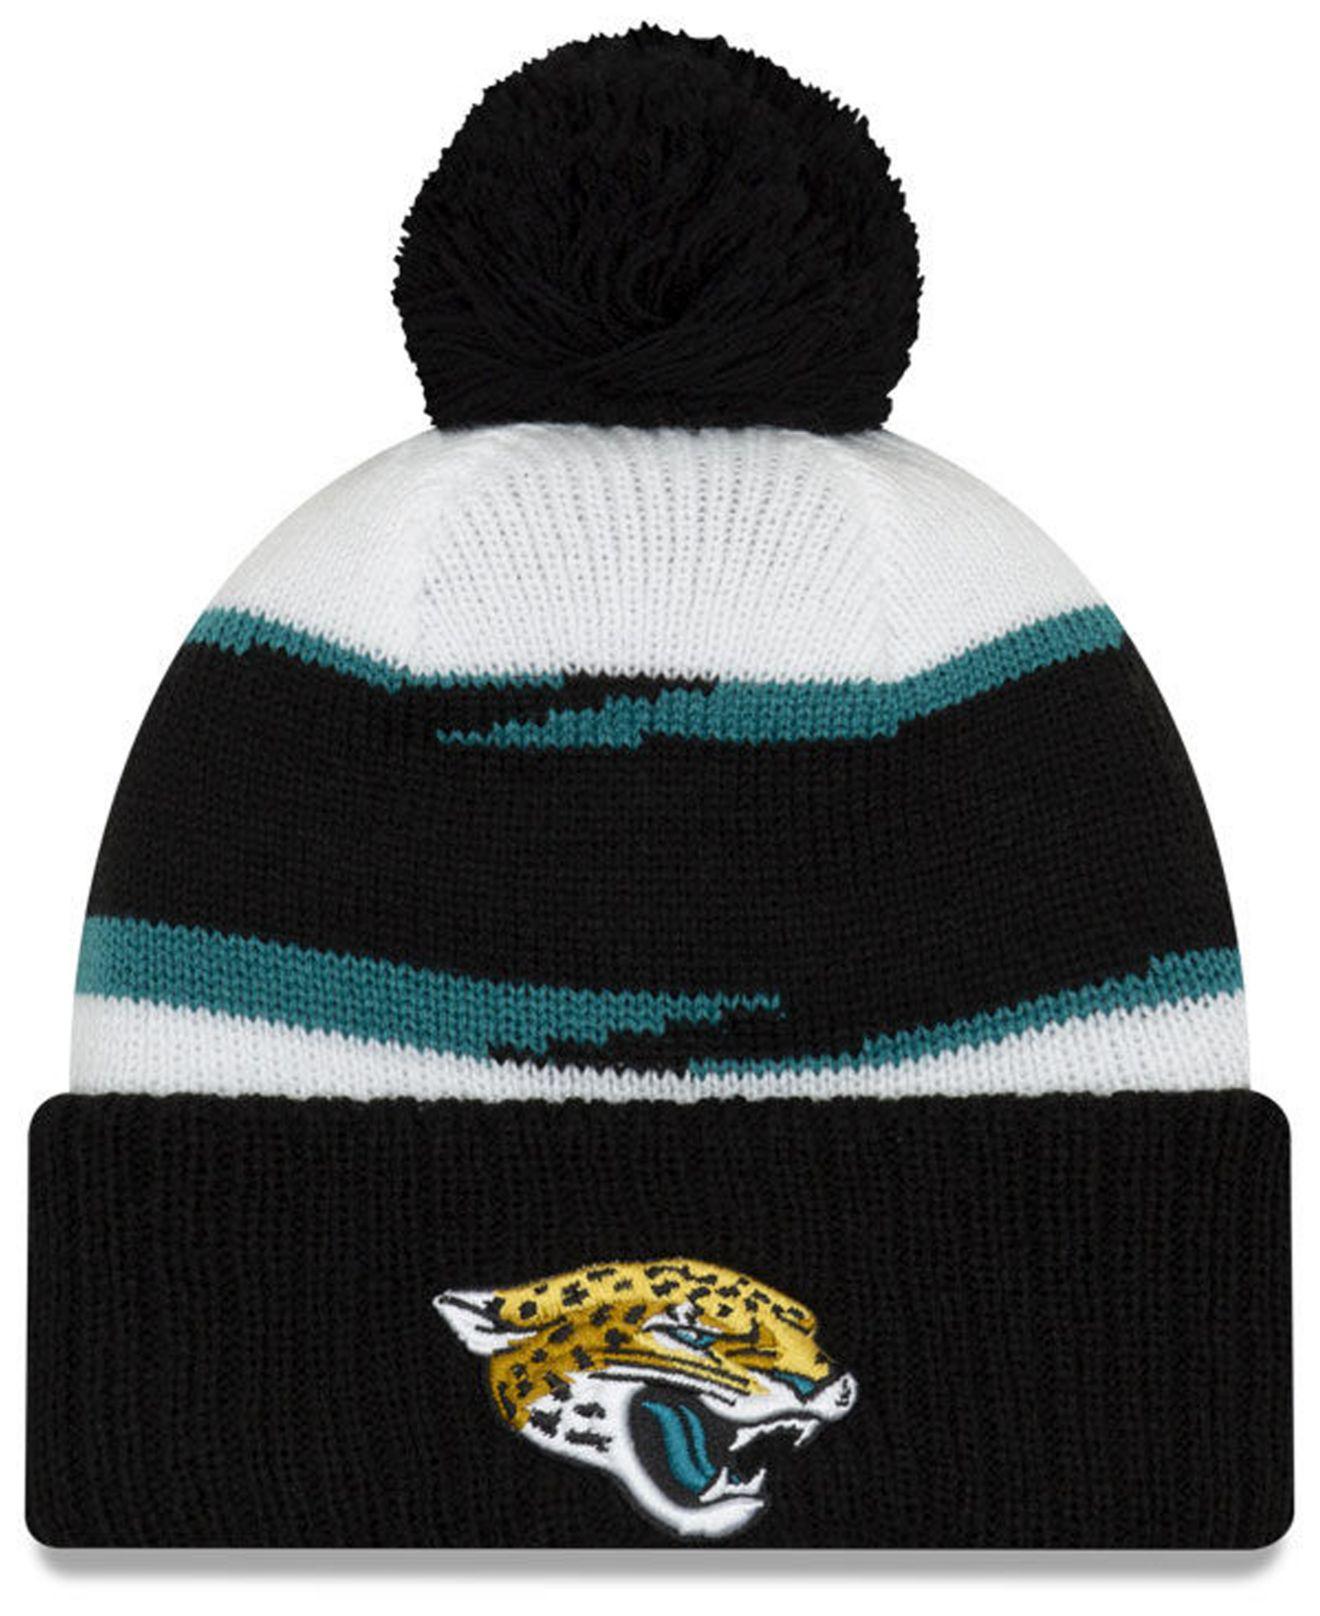 ef6c128a6 Lyst - Ktz Jacksonville Jaguars Thanksgiving Pom Knit Hat in Black ...